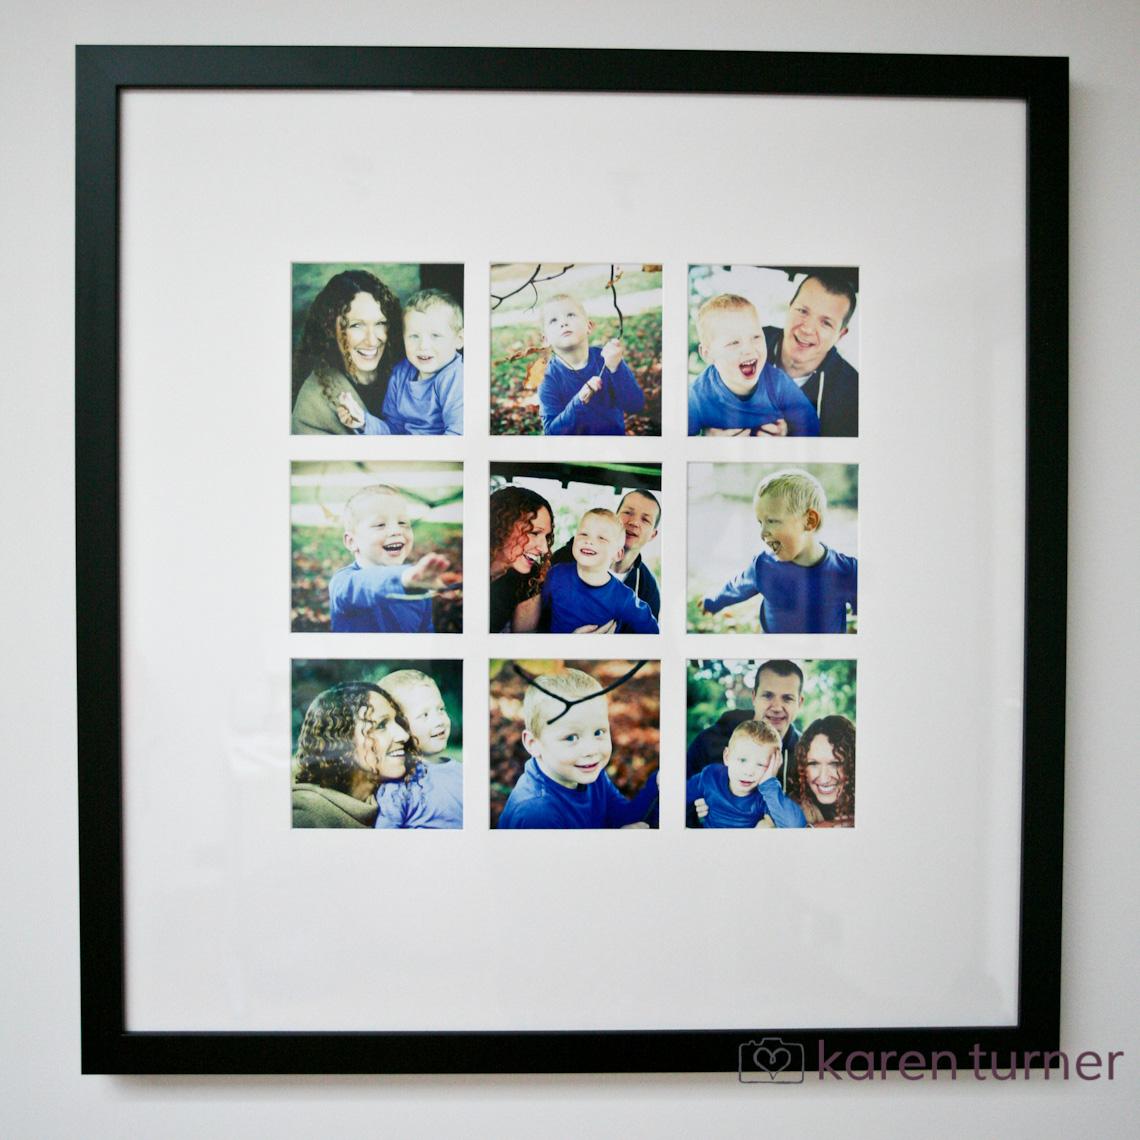 frames_004